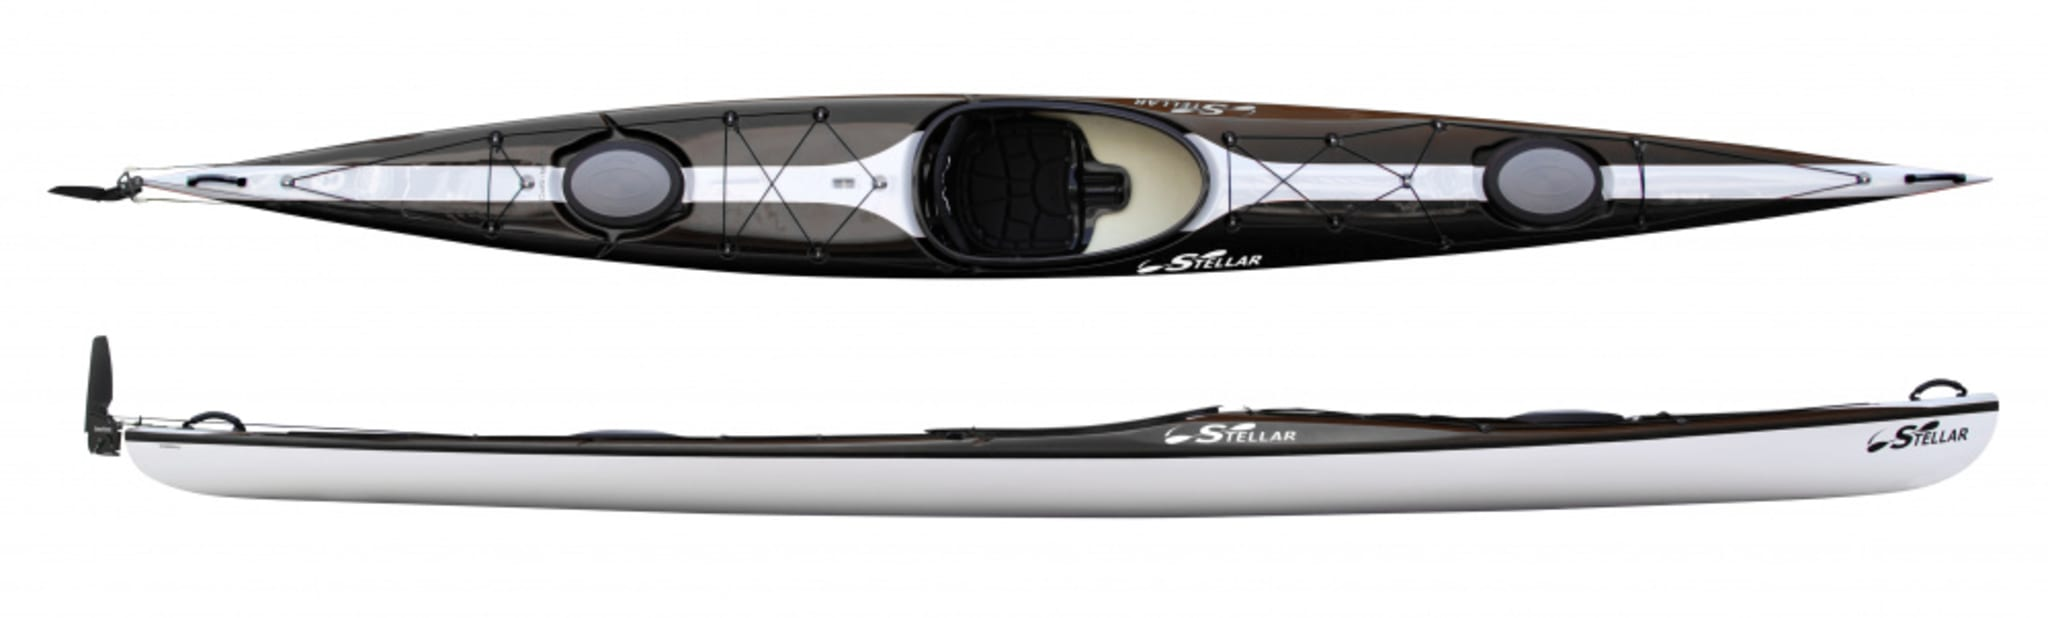 Den ultimate hybridkajakken for tur og trening.